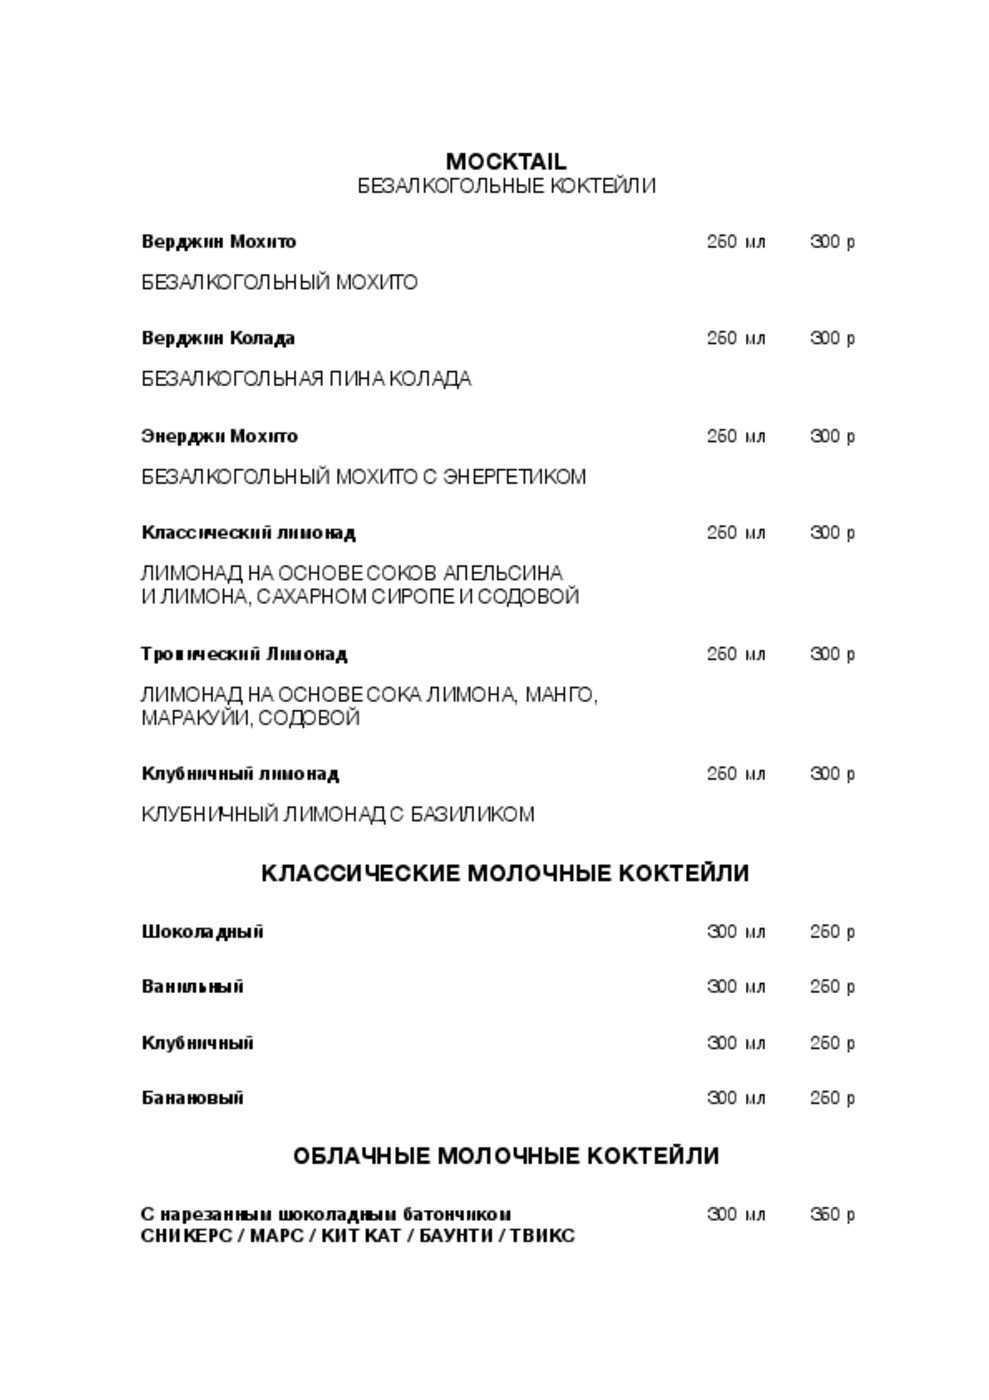 Меню бара, ресторана Облака на улице Ленина